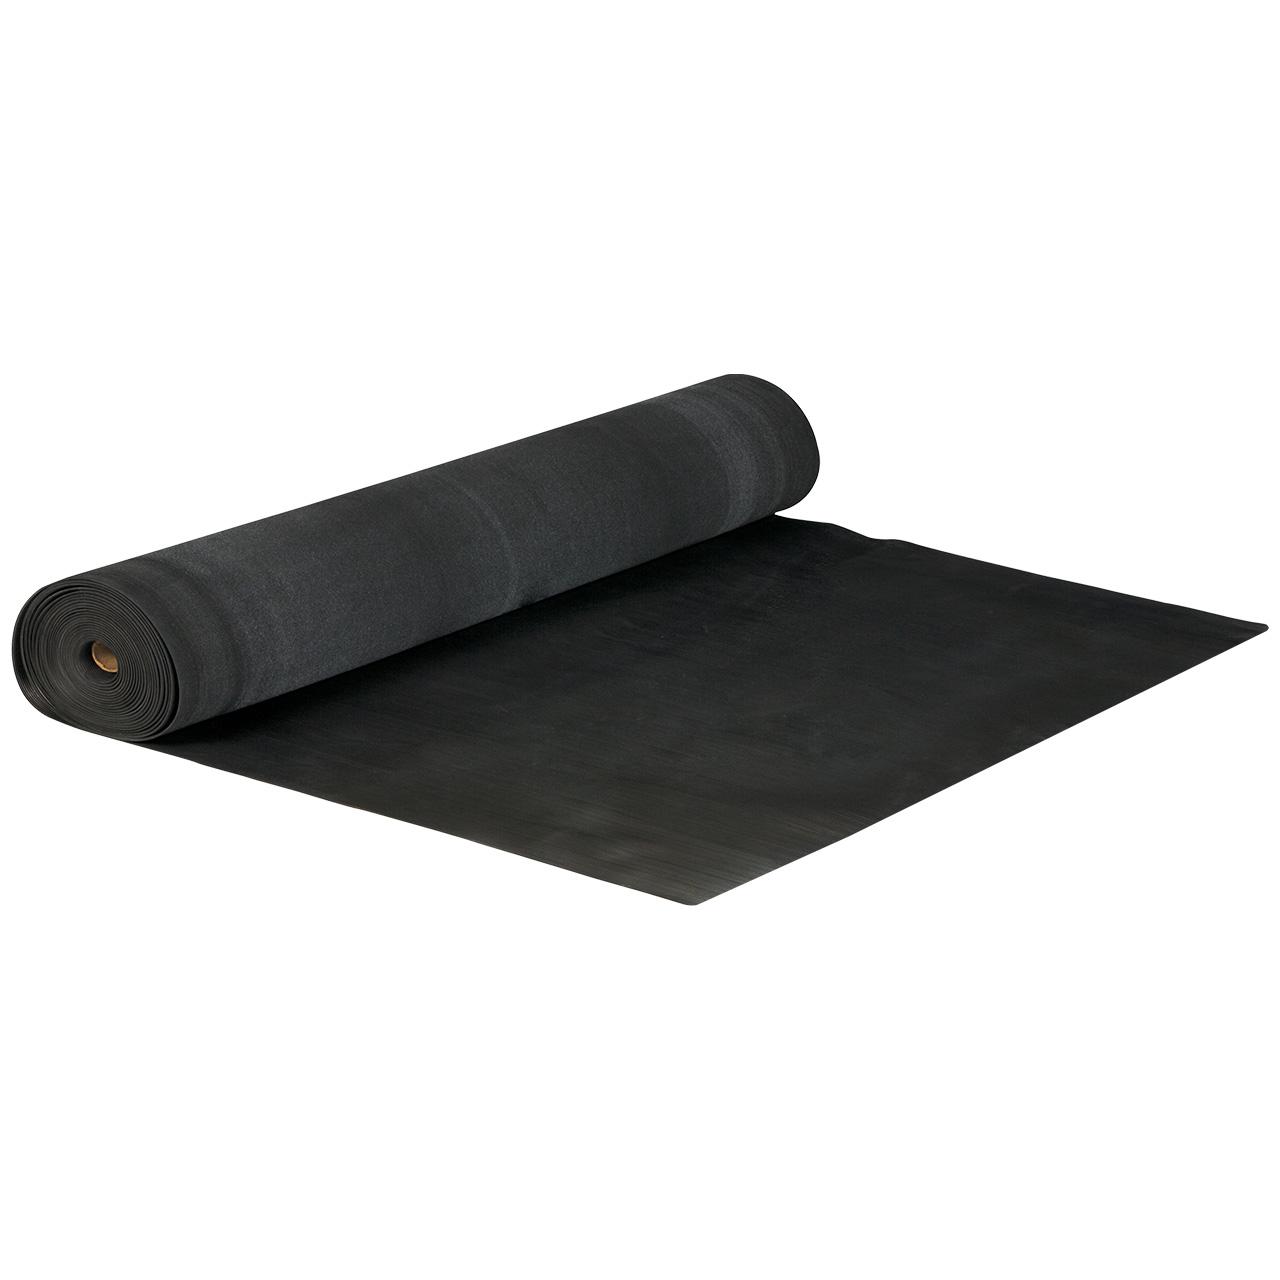 gummimatte mit gewebeeinlage kaufen allbuyone. Black Bedroom Furniture Sets. Home Design Ideas